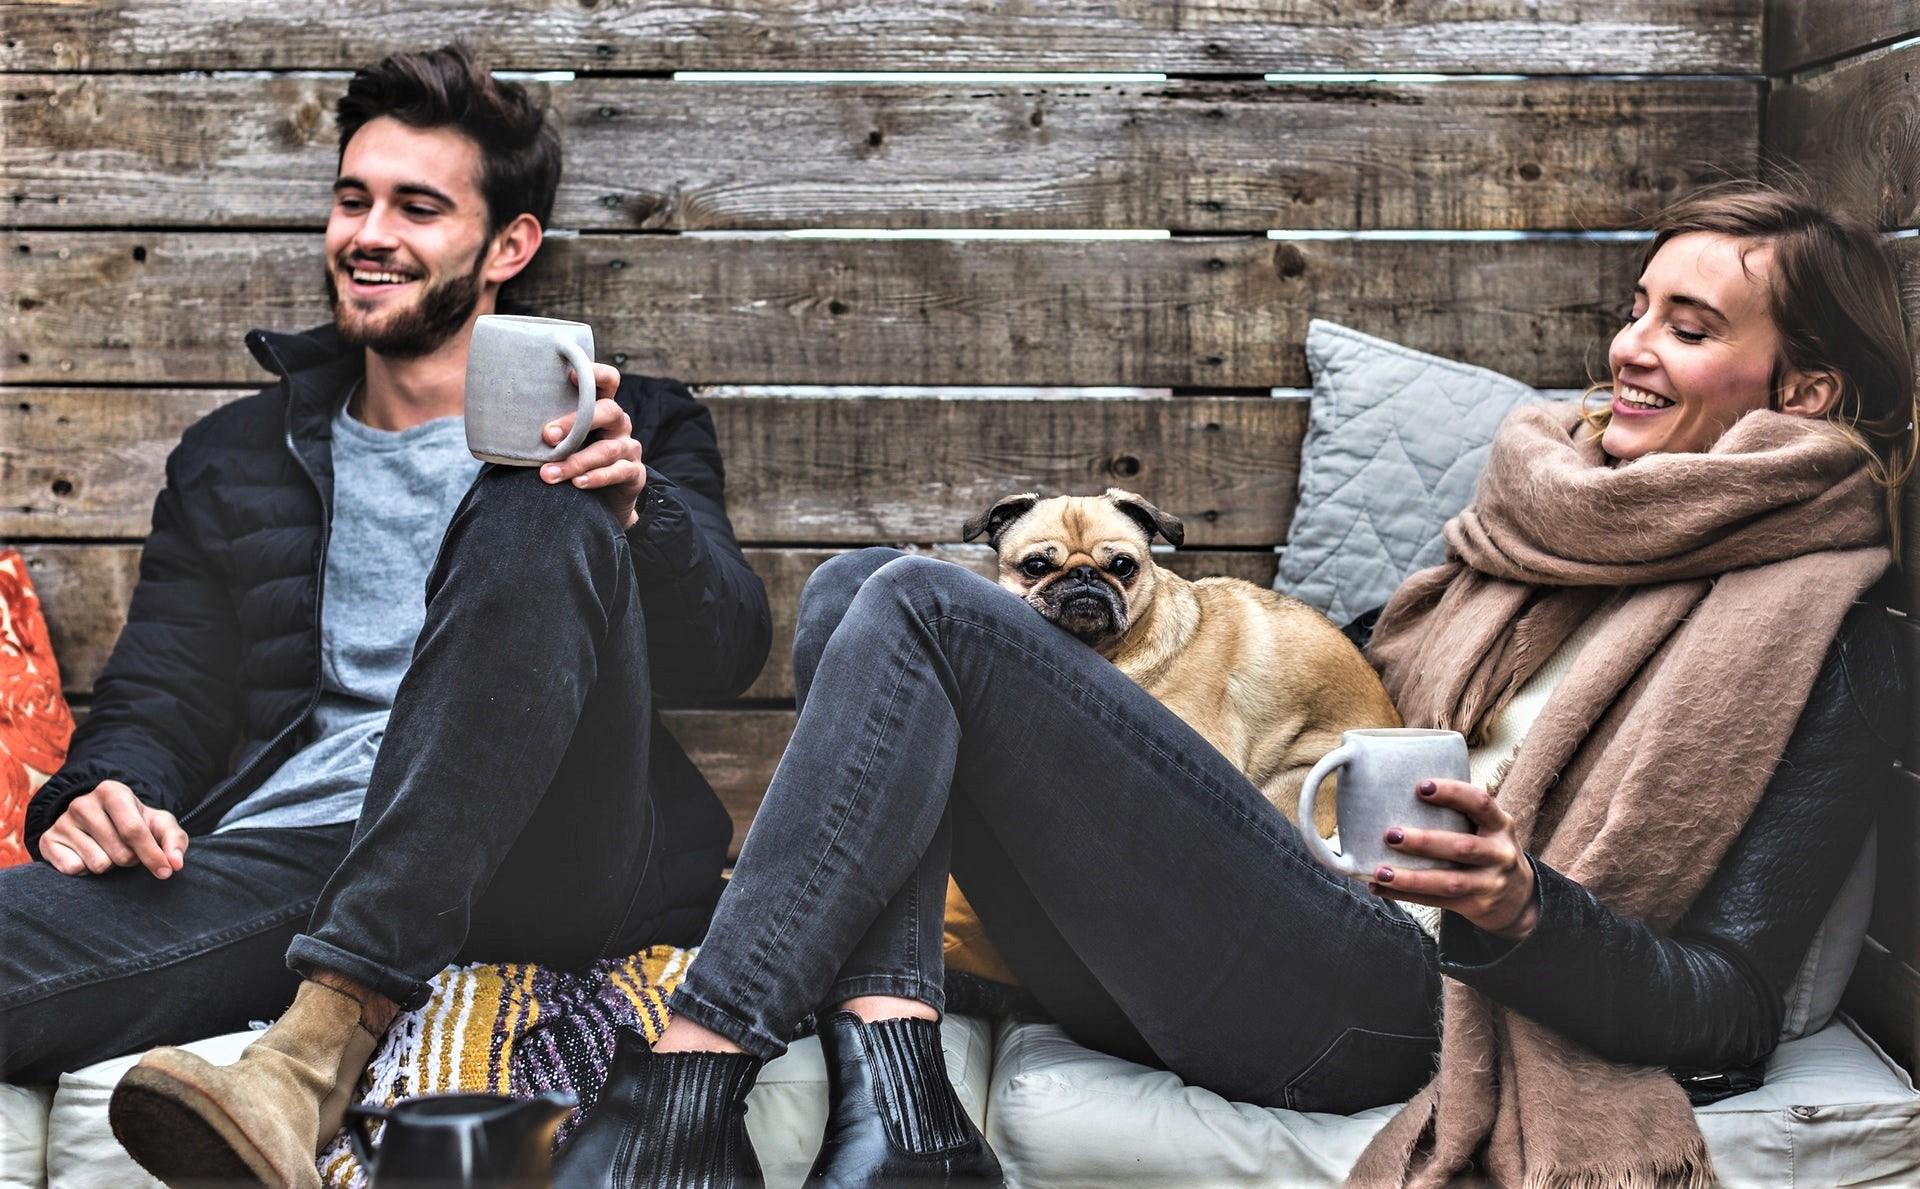 valentino and john asesoramiento masculino 10 tips para estar más atractivo tu lenguaje corporal habla por ti